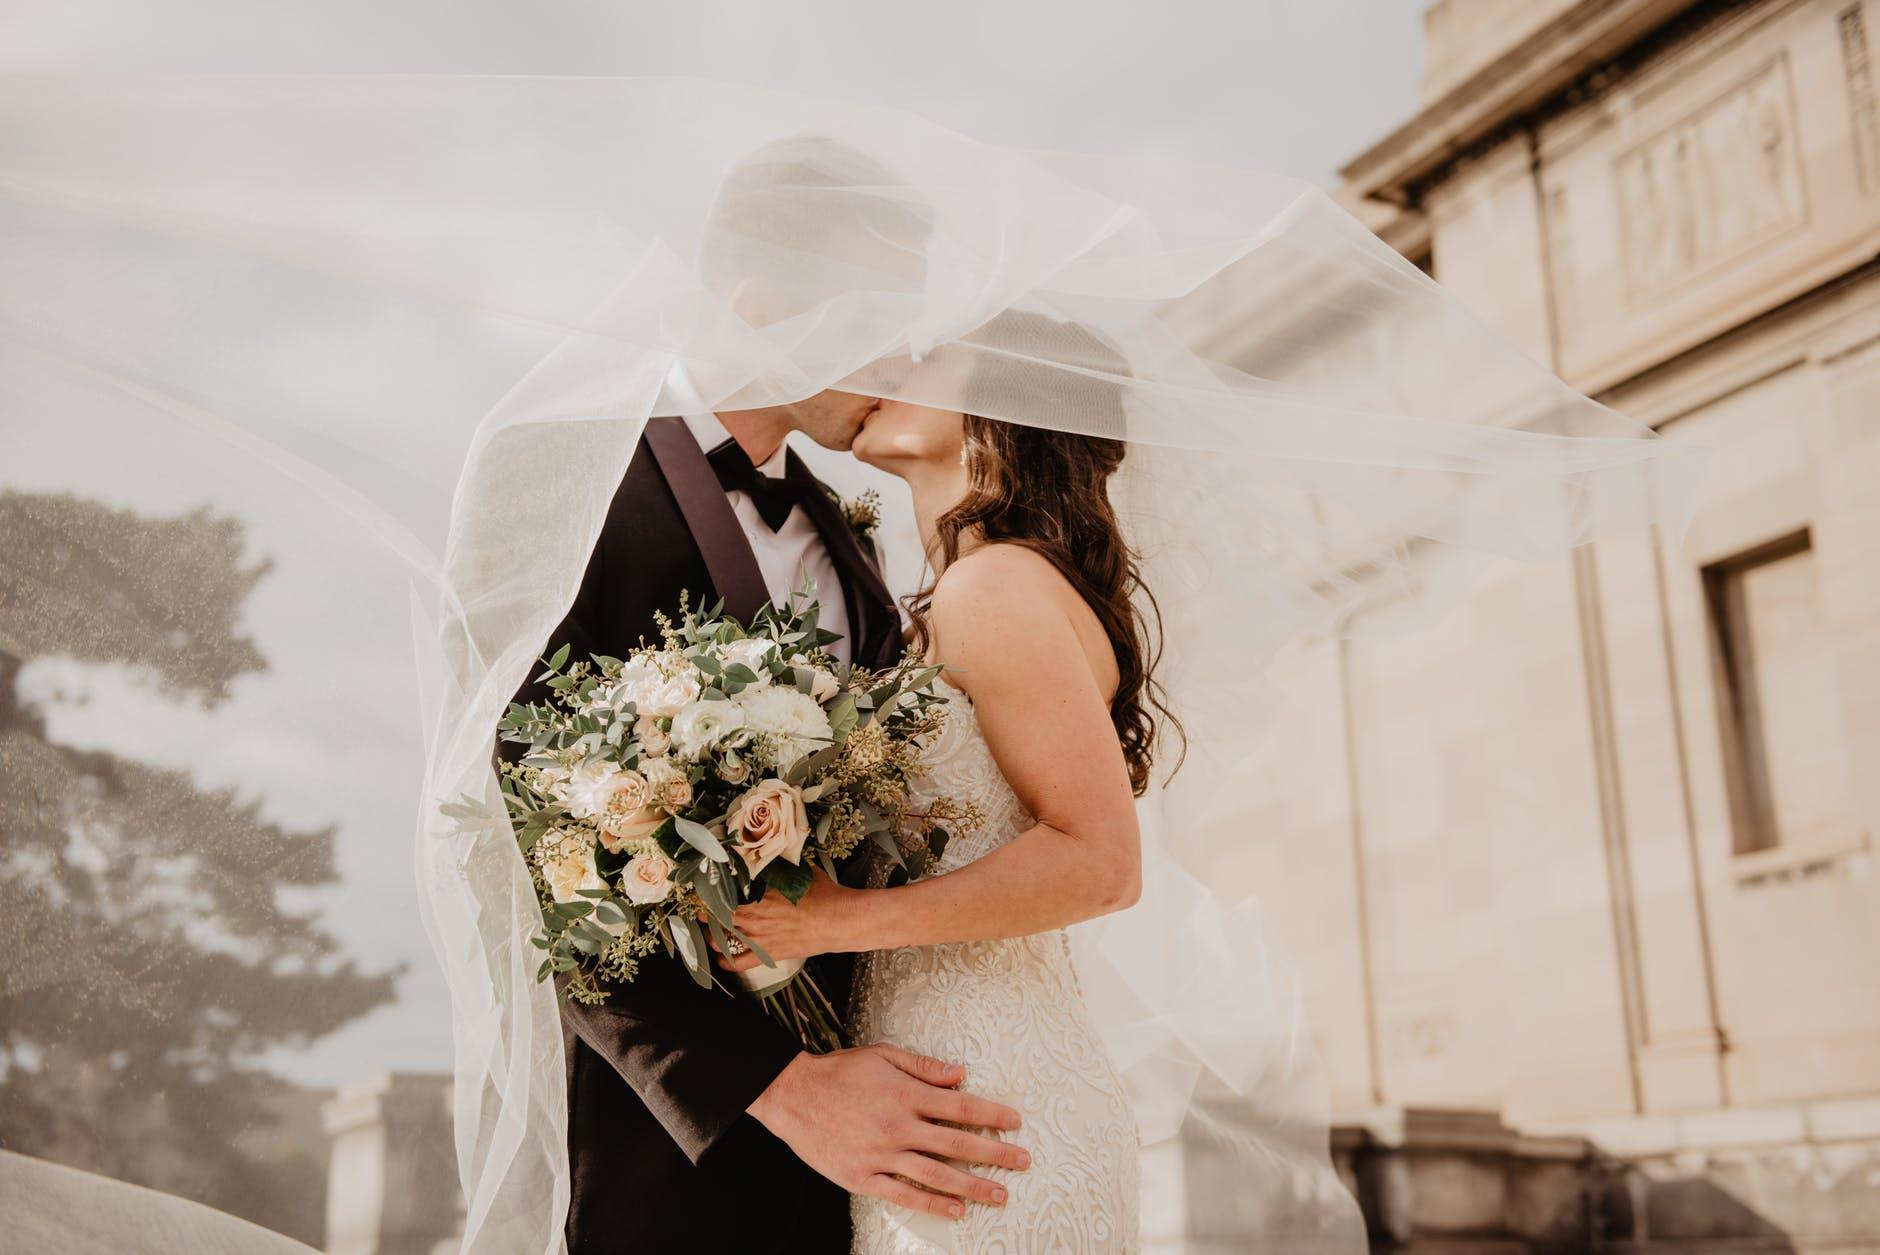 cô dâu chú rể đang hôn nhau